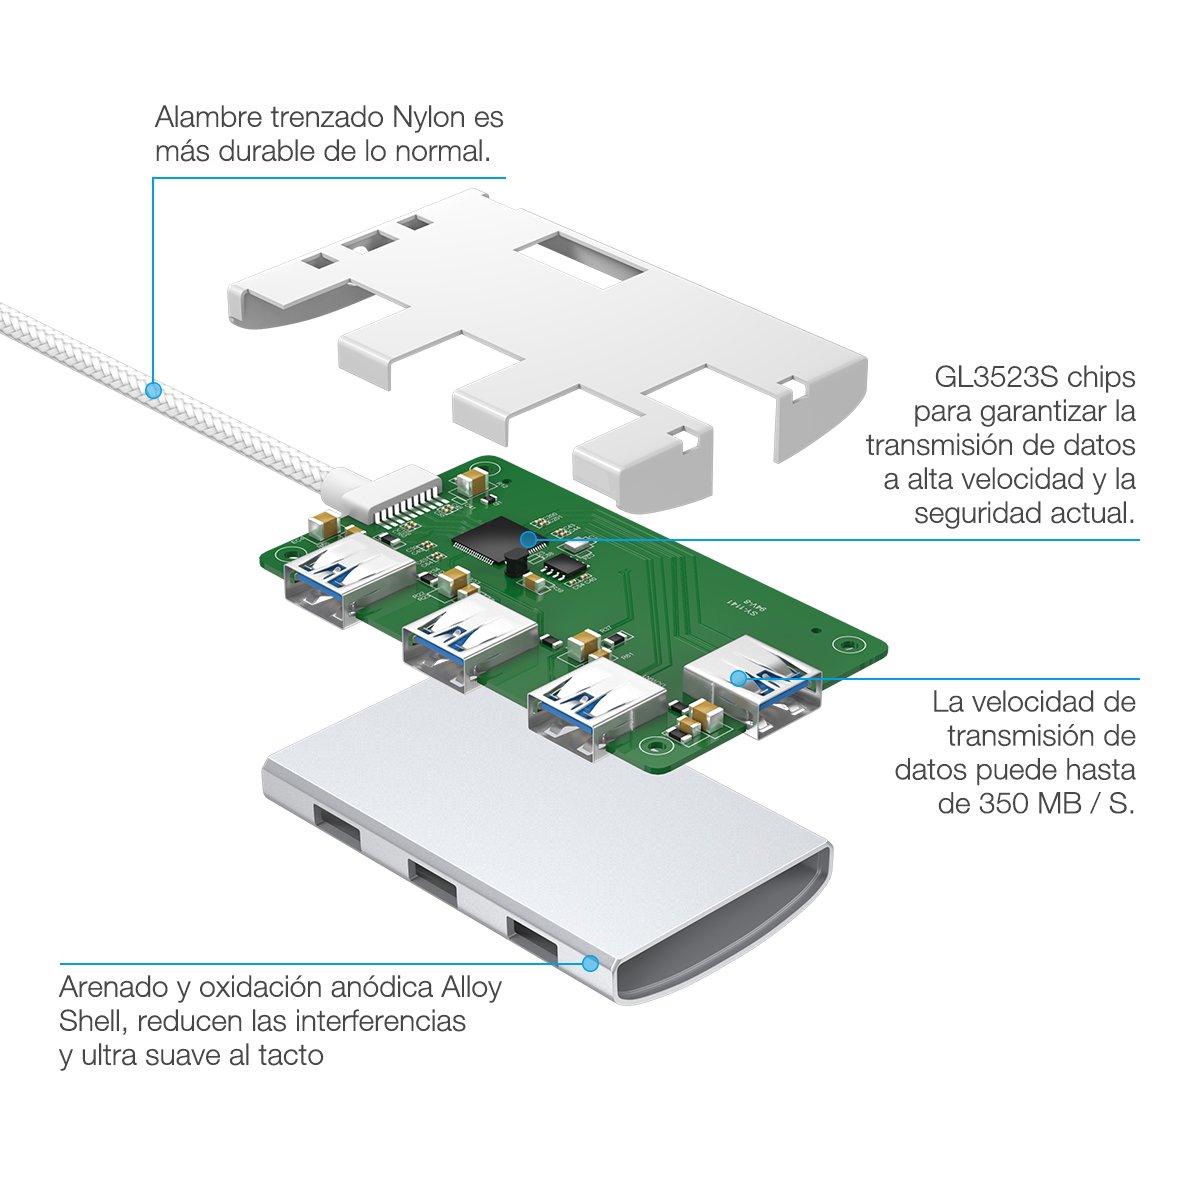 Poweradd Hub USB 3.0 4 Puerto de Type-C Alta Velocidad para MacBook, New Macbook,PC, USB Flash Drives y Ordenador Portátil de Type C -Argentado